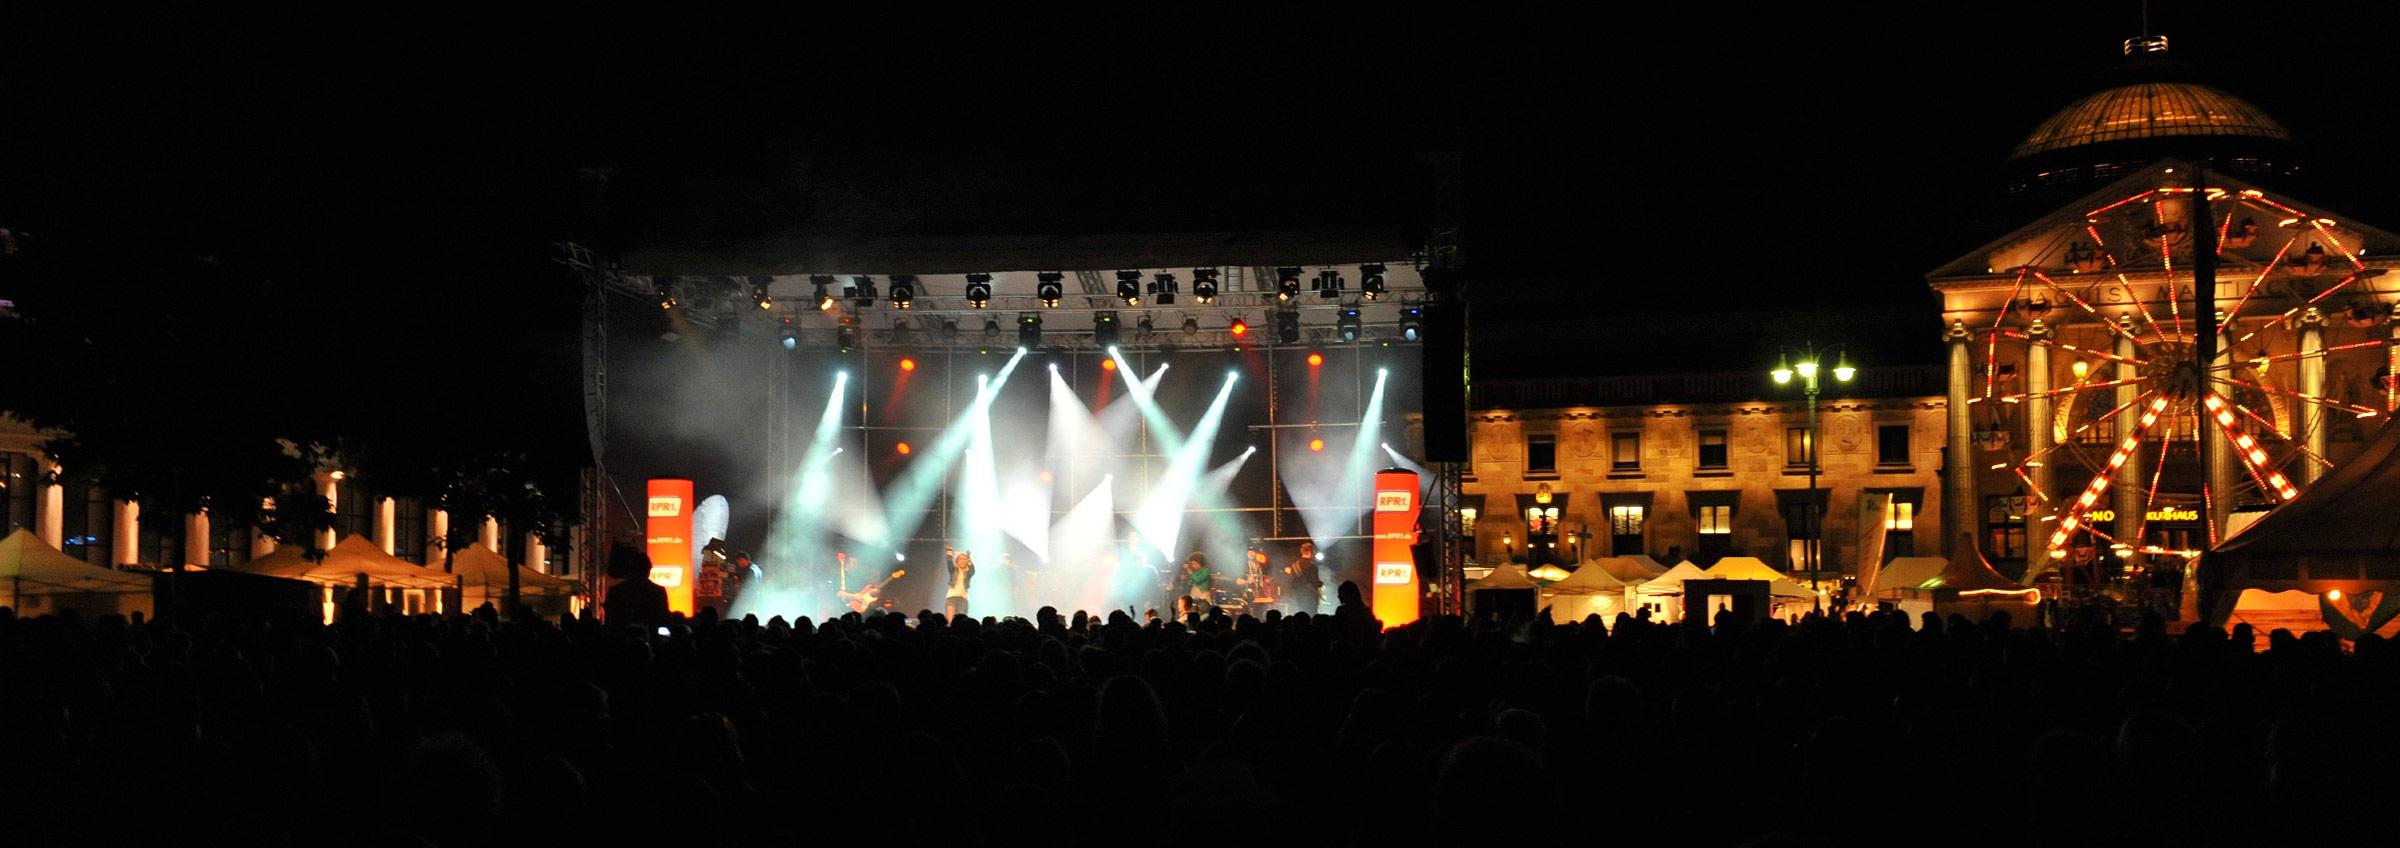 Wiesbaden Events